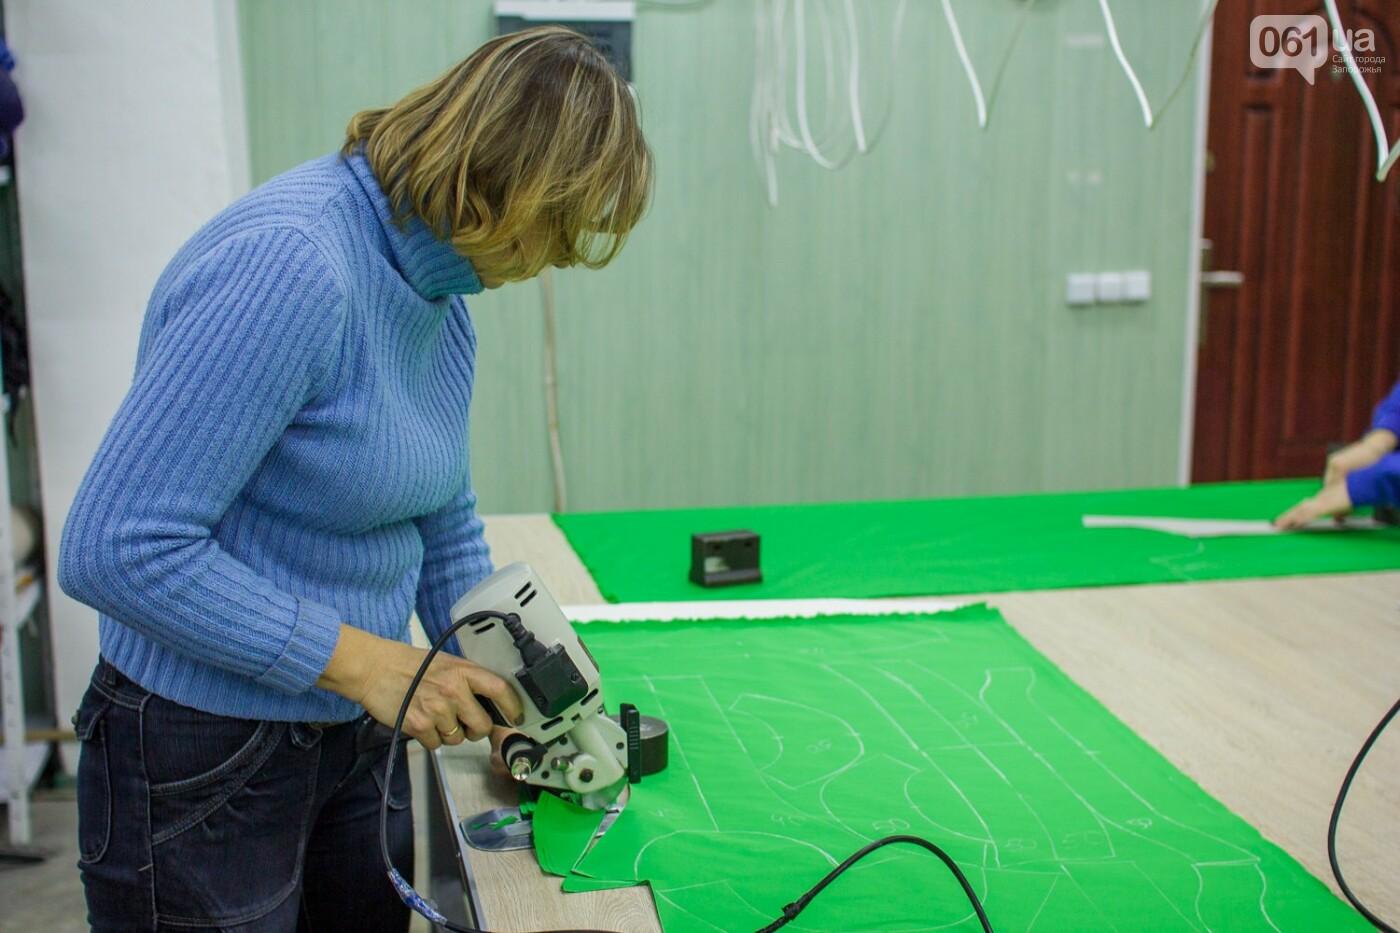 Как в Запорожье шьют мужское белье: экскурсия на трикотажную фабрику, – ФОТОРЕПОРТАЖ, фото-24